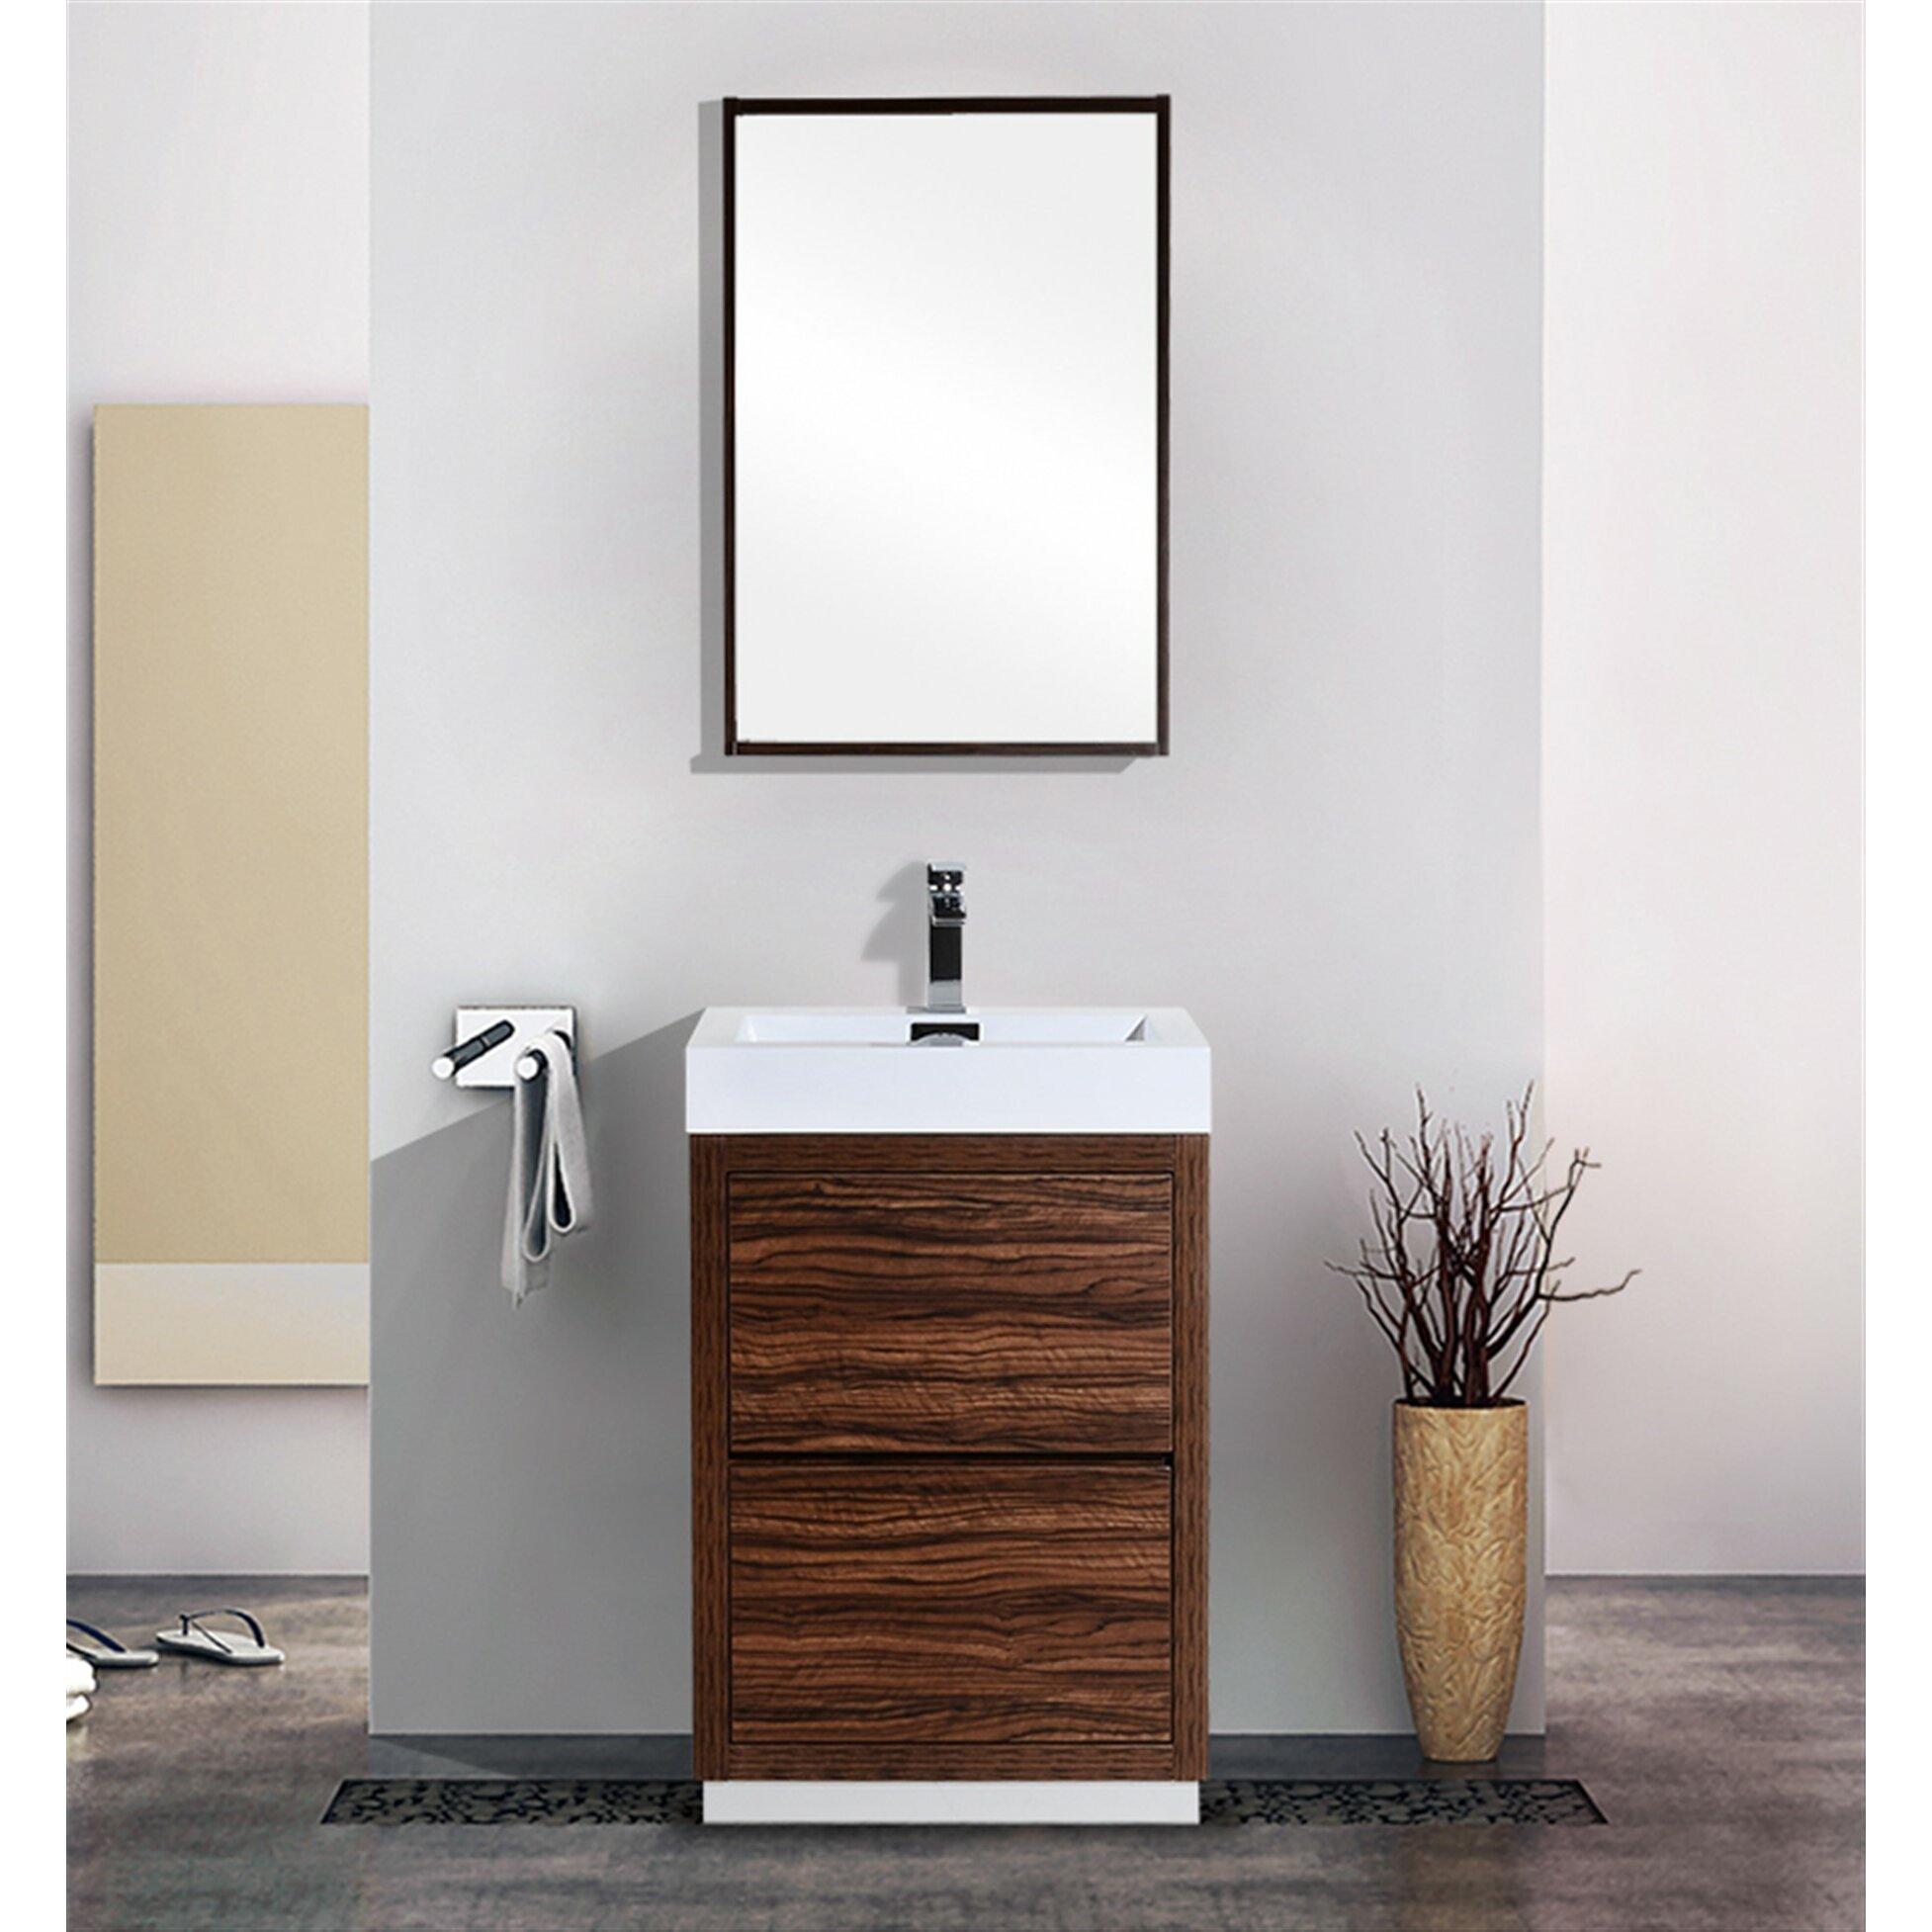 Kube Bath Bliss 24 Single Free Standing Modern Bathroom Vanity Set Reviews Wayfair